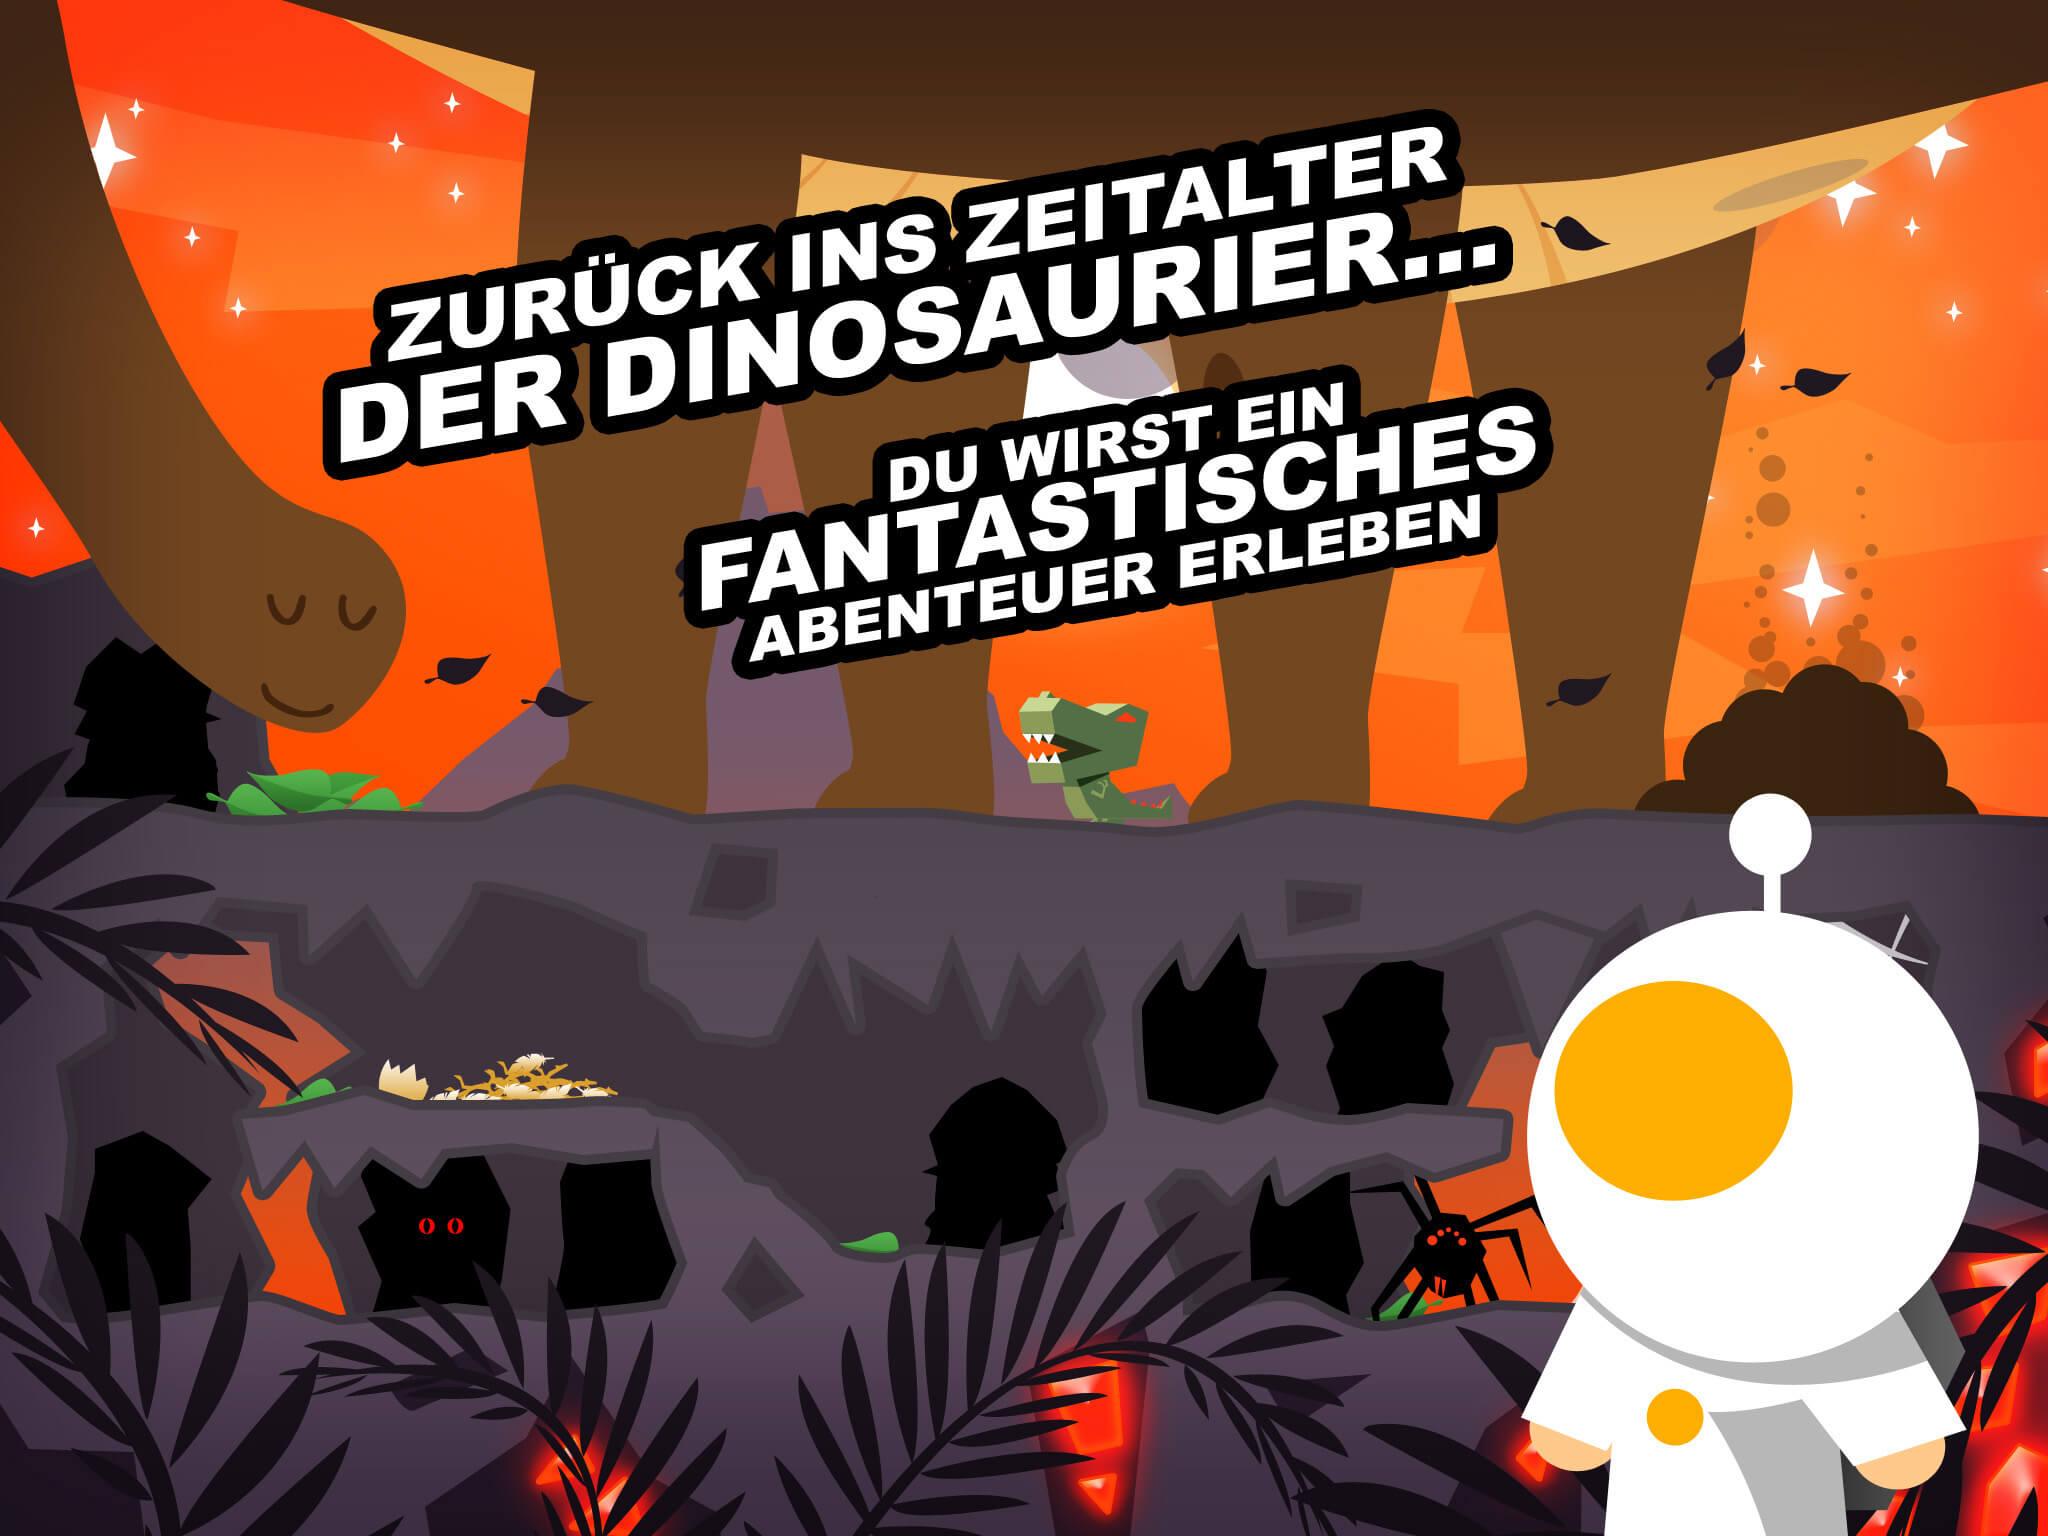 prehistoric_screenshot_02_de